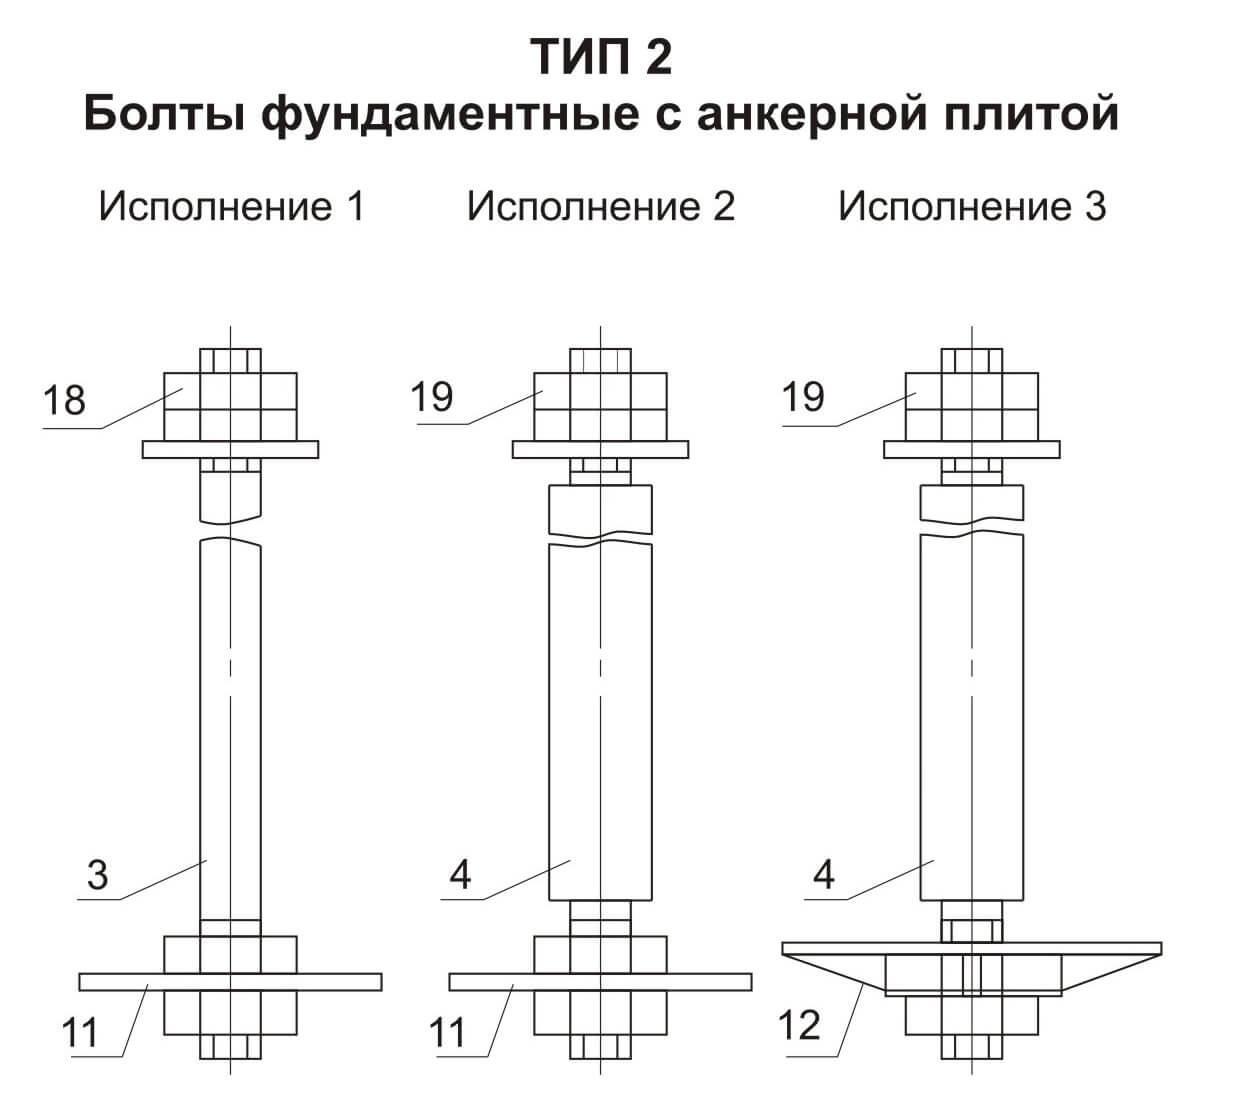 Болти фундаментні з анкерним плитою Тип 2 (Виконання 1-2-3)